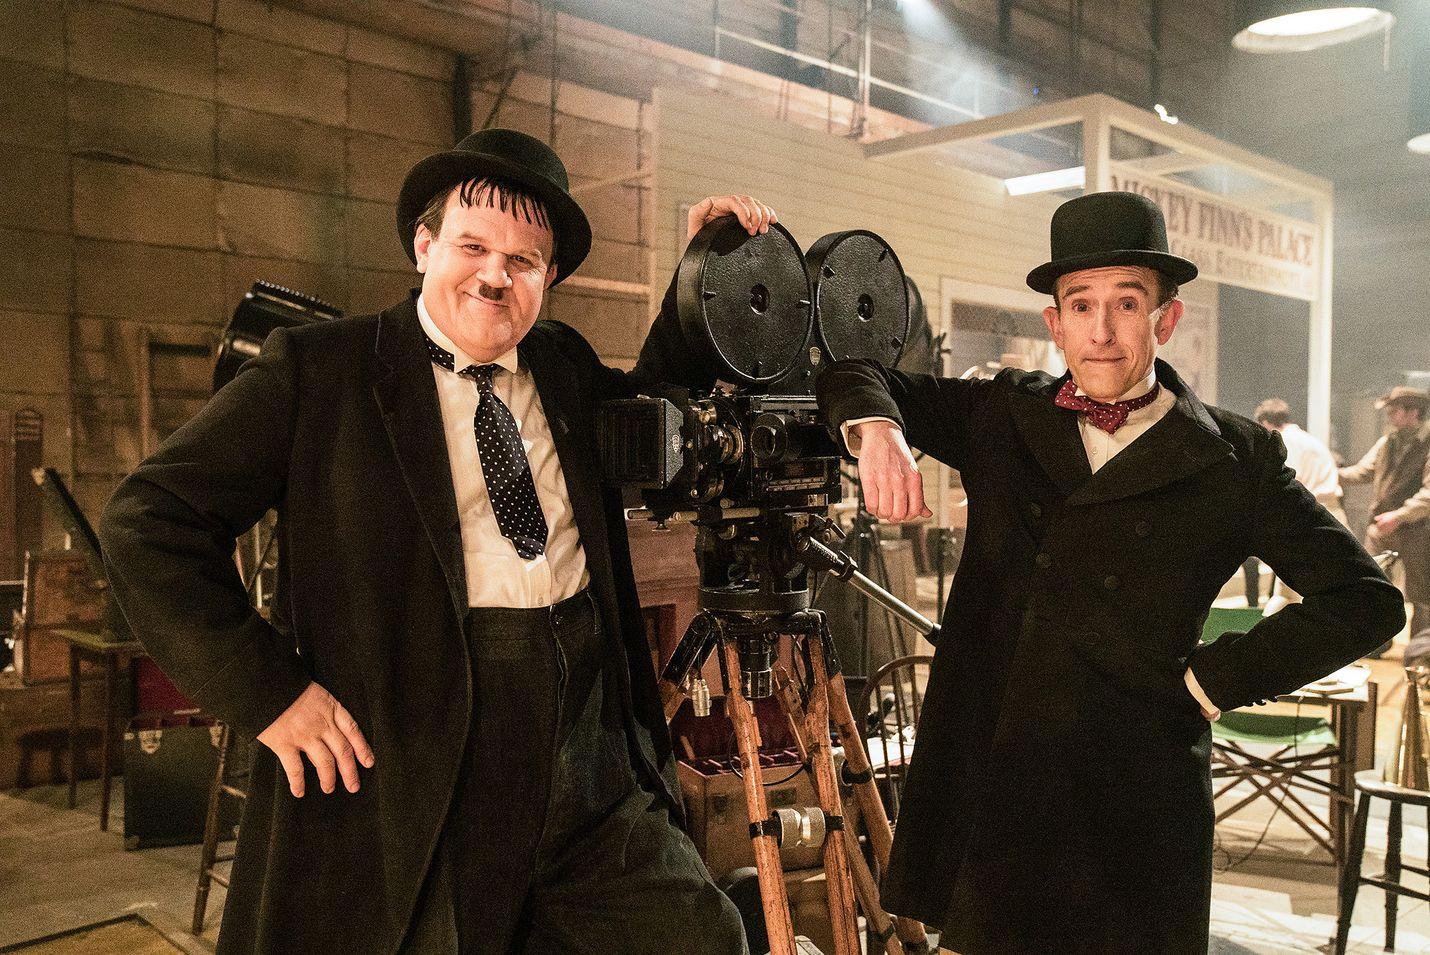 Lämminhenkisessä, tosipohjaisessa draamakomediassa Ohukainen ja Paksukainen eli Stan Laurel (Steve Coogan) ja Oliver Hardy (John C. Reilly) lähtevät puolisoineen 1950-luvun alussa Englantiin jäähyväiskiertueelle.